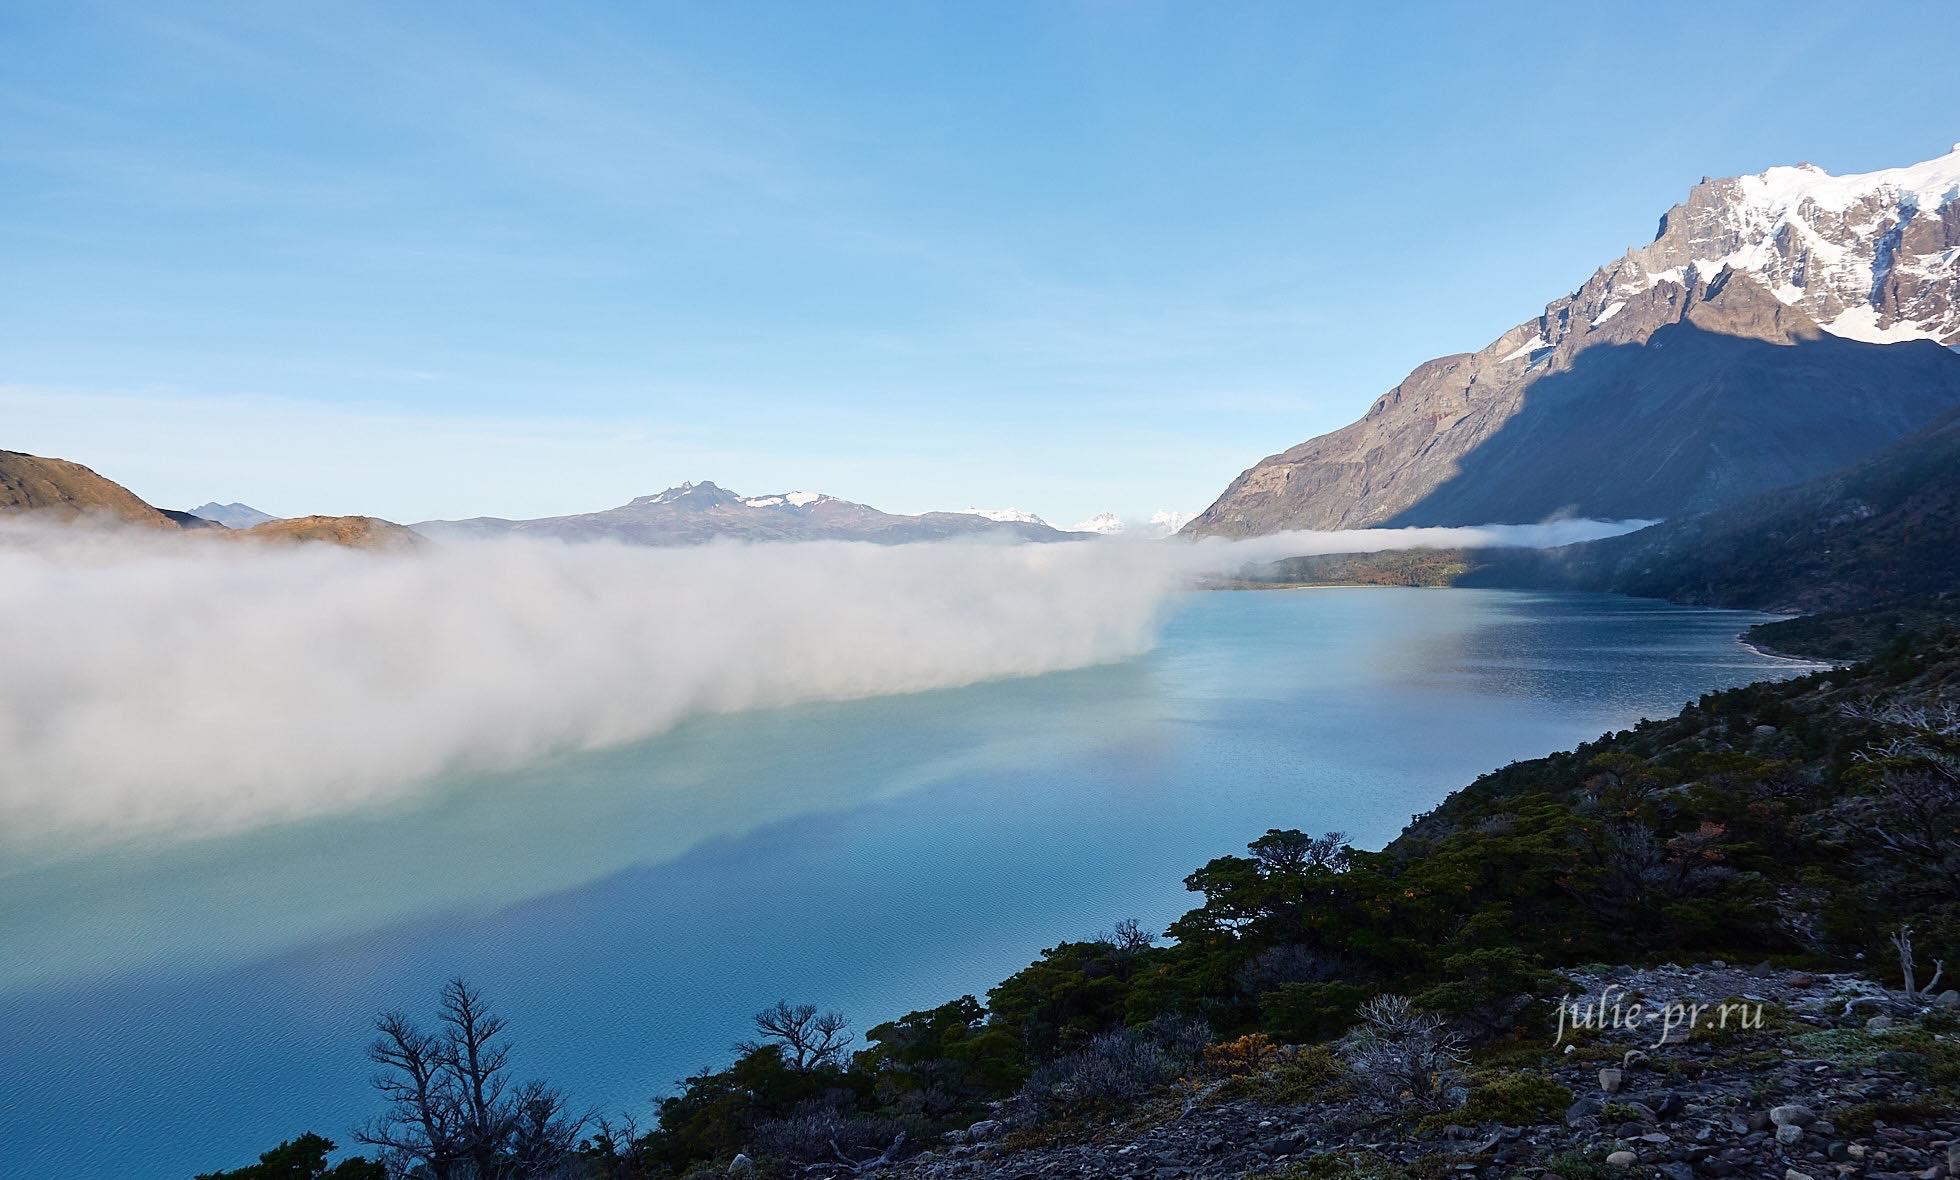 Чили, Патагония, Торрес-дель-Пайне, туман над озером, Lago Nordenskjöld